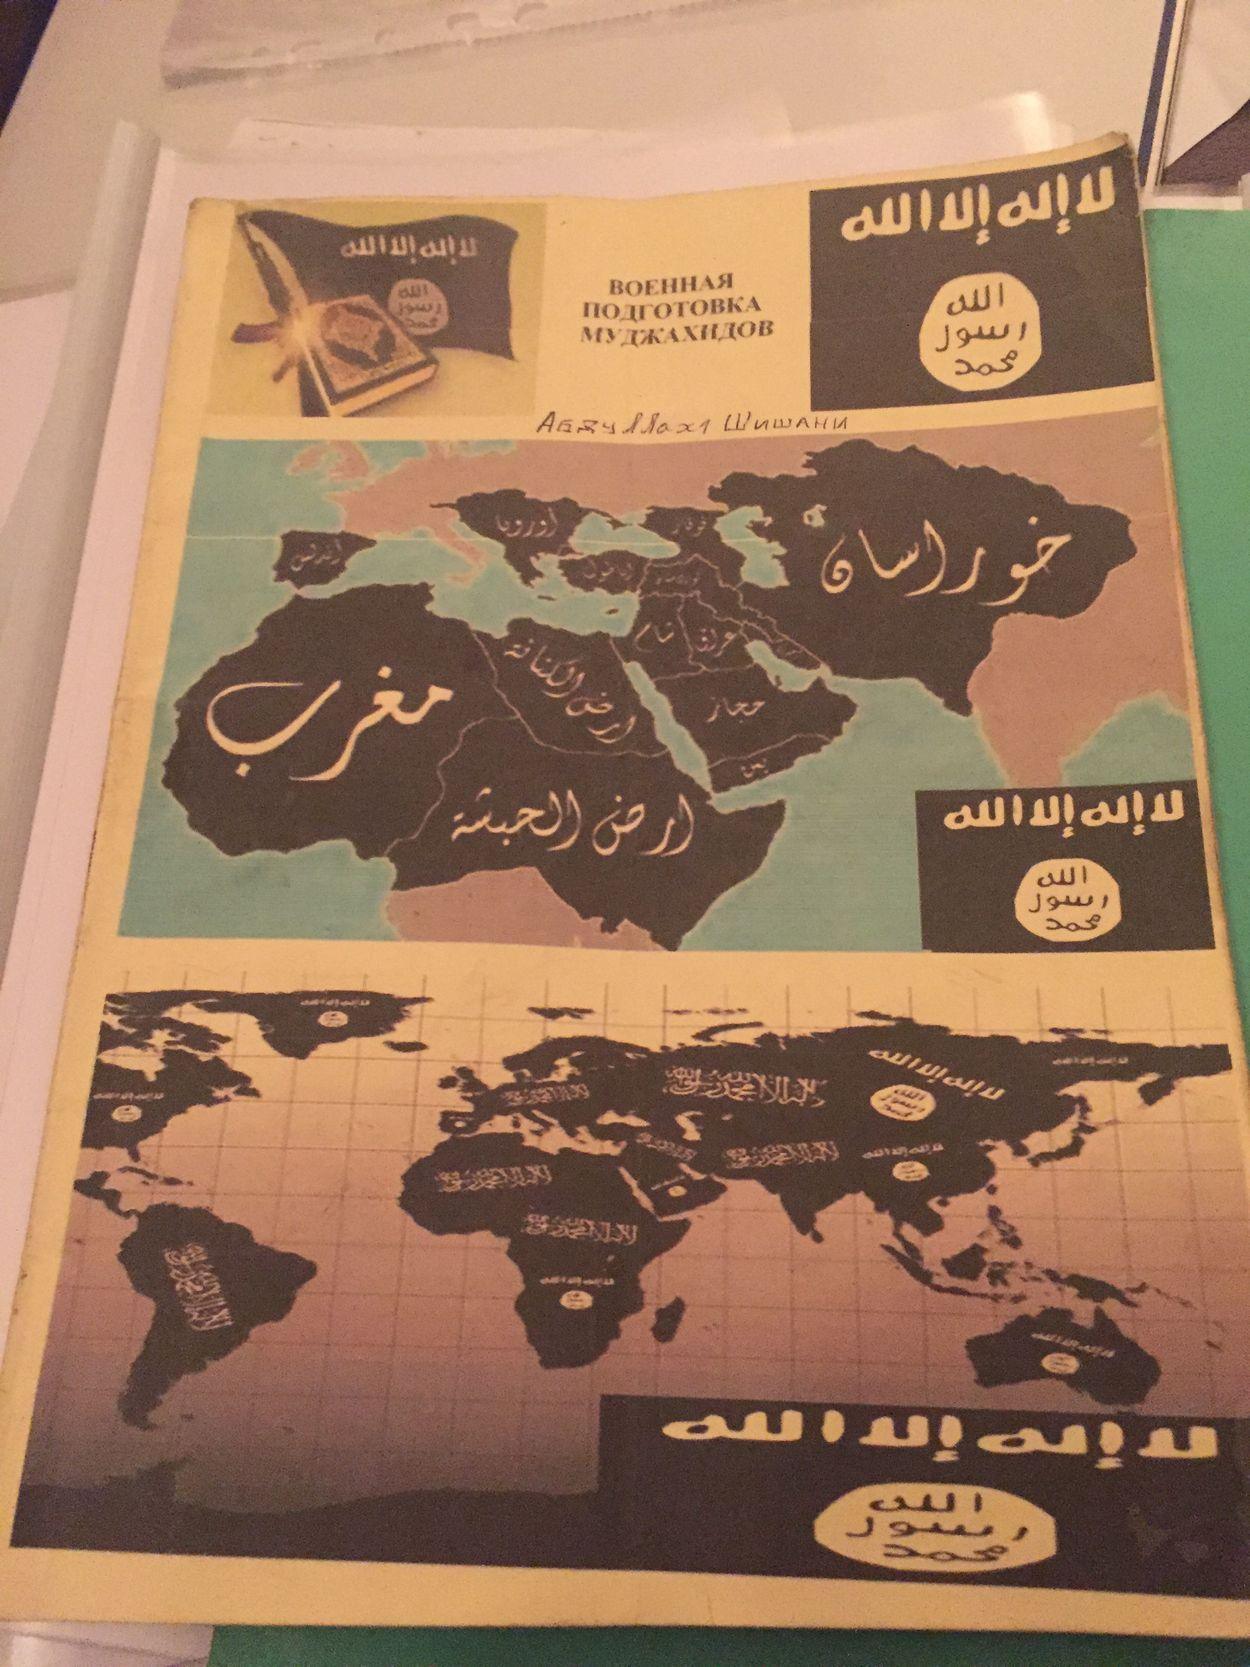 Rojava_Noord-Syrie-onderschepte_IS-literatuur_heerschappij_van_de_wereld